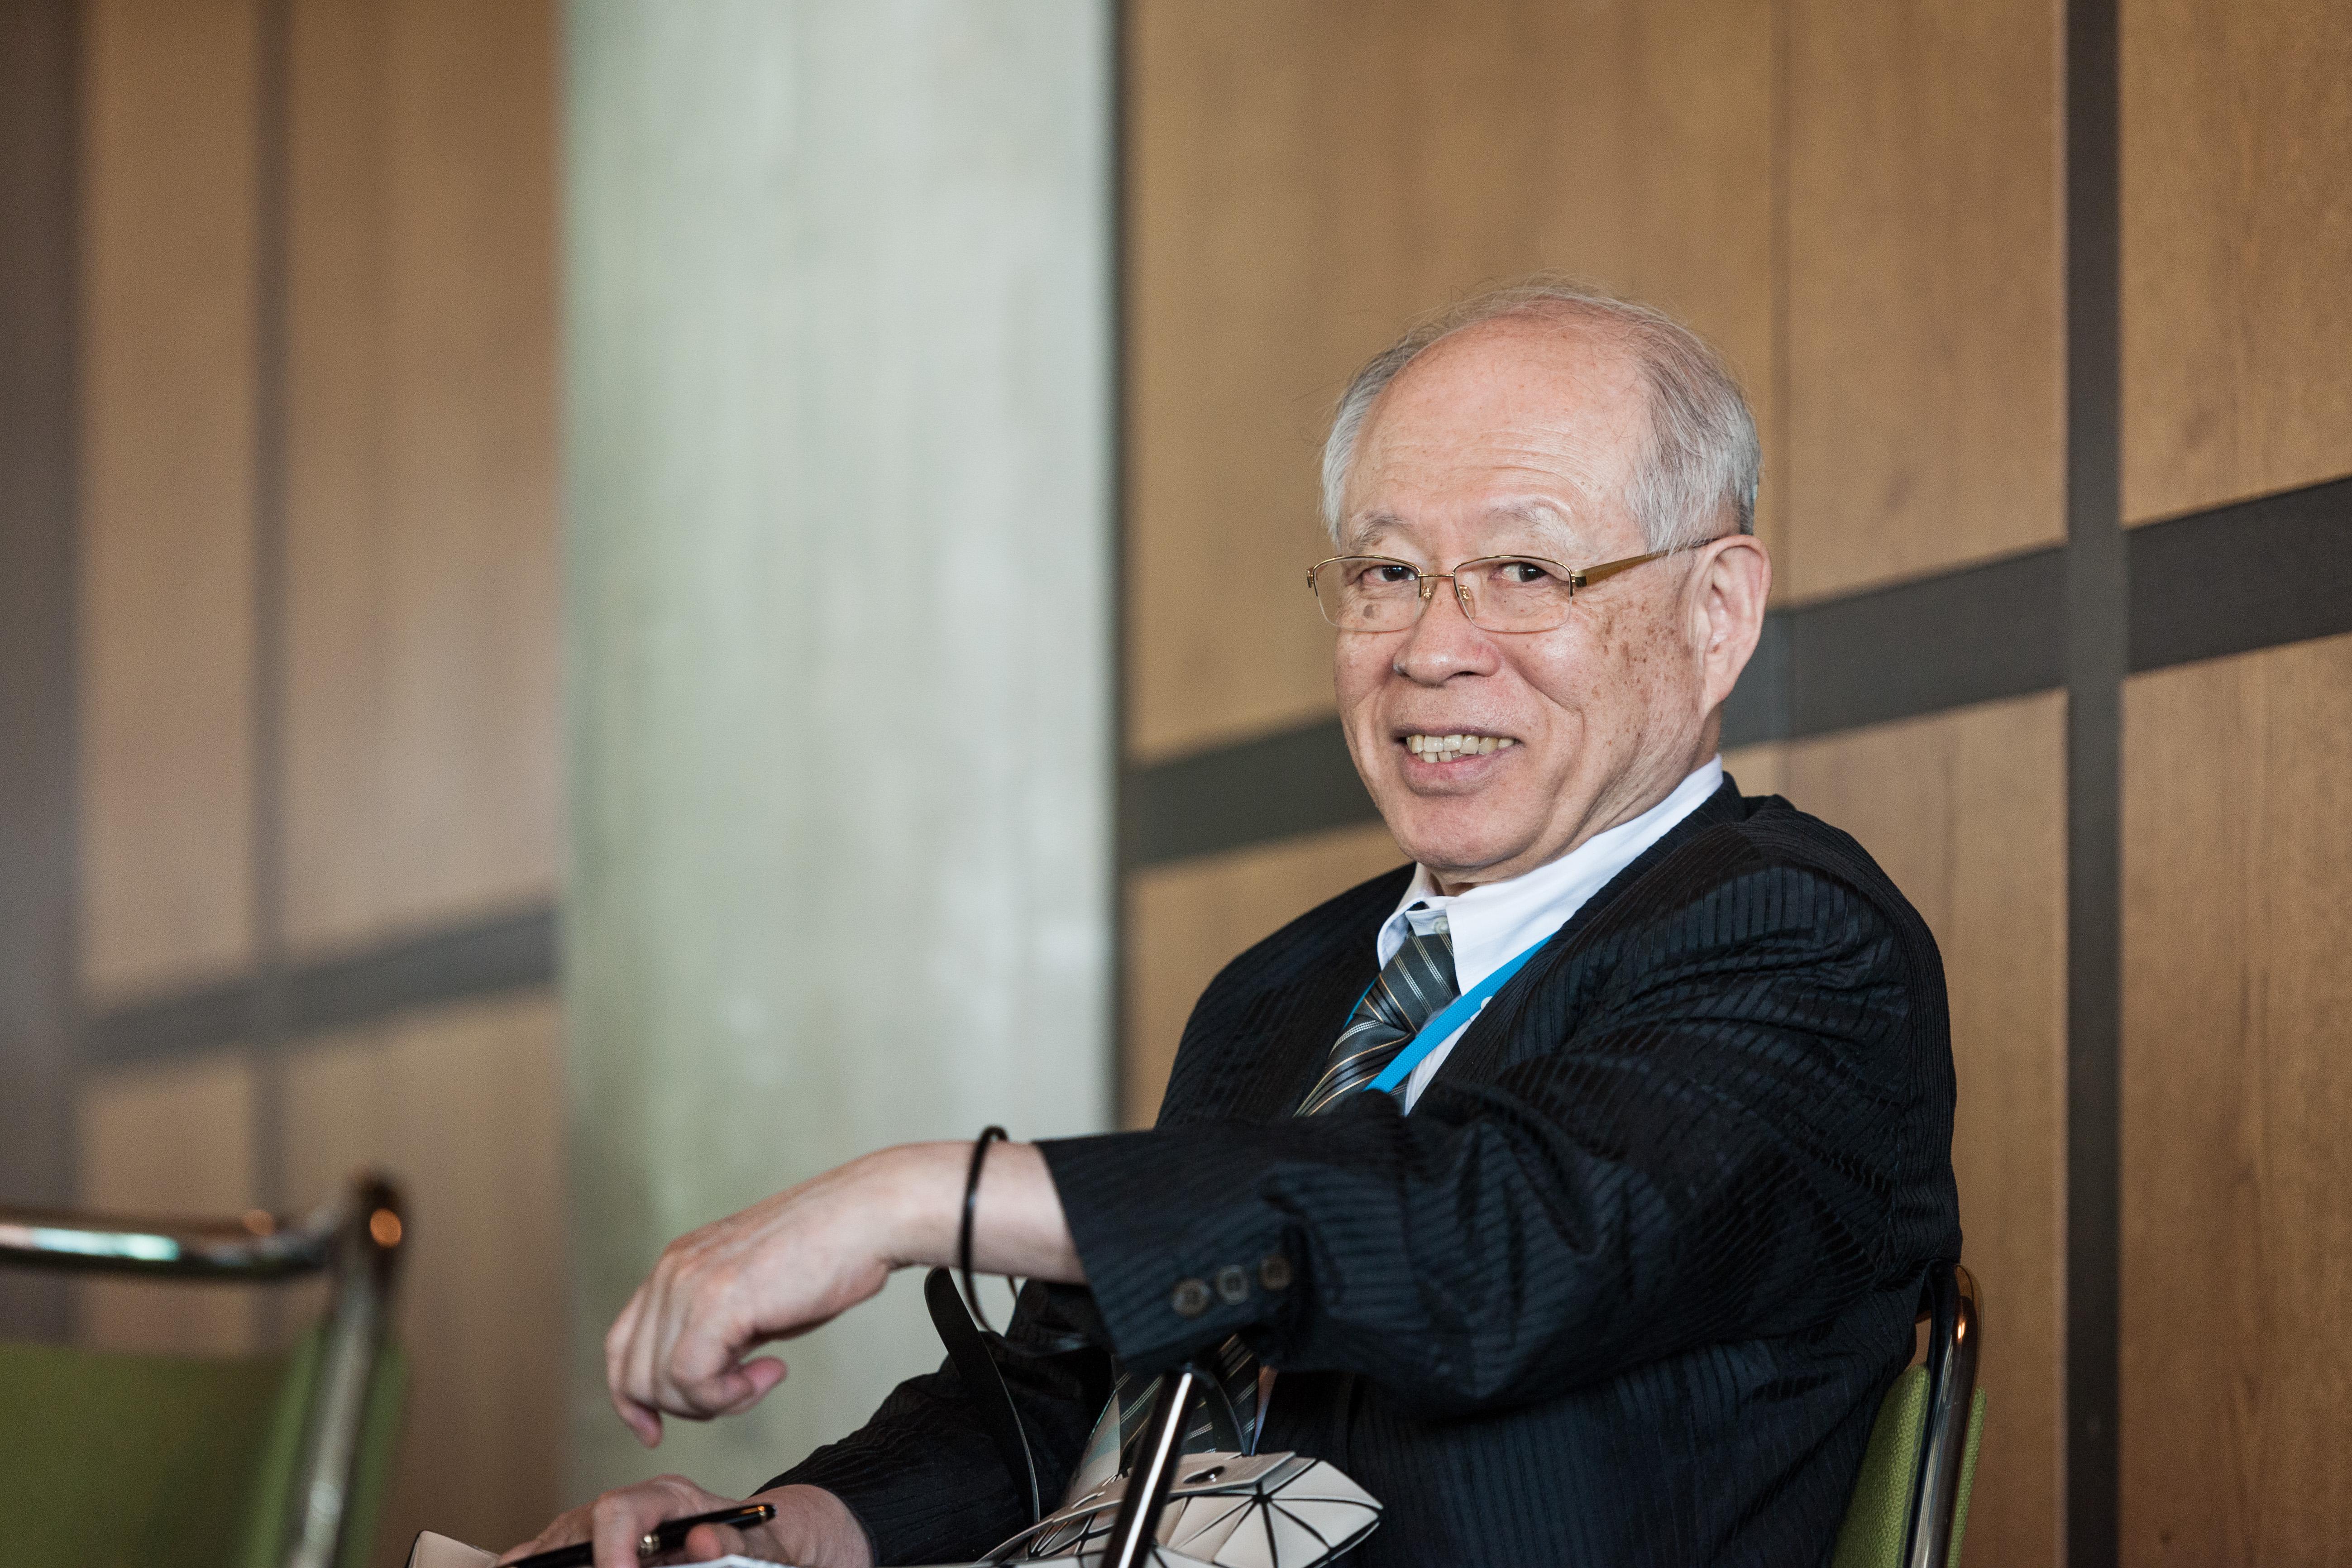 Nobelpreisträger Ryoji Noyori beid er 65. Lindauer Nobelpreisträgertagung. Foto: A. Schröder/Lindau Nobel Laureate Meetings